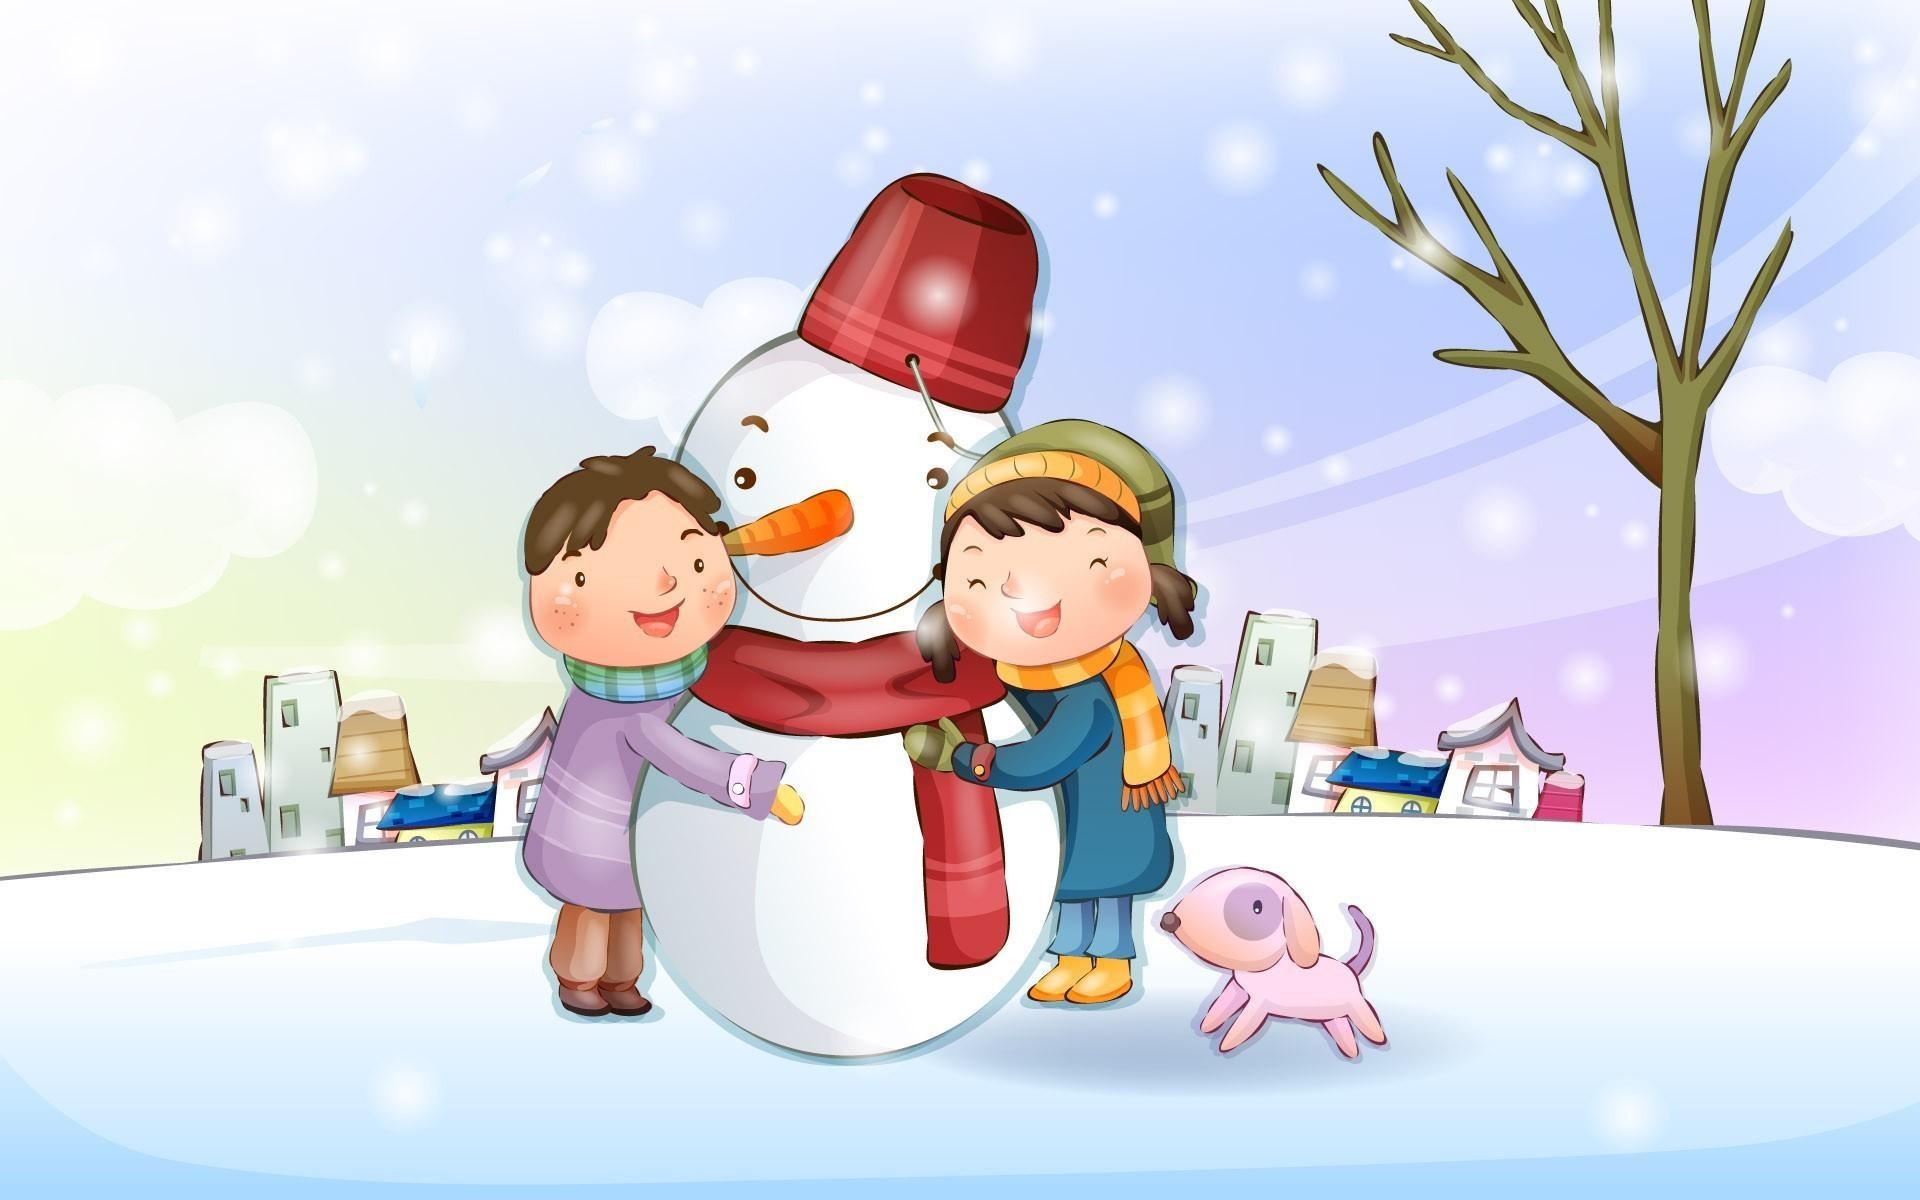 что открытка лепим снеговика посреди морозов метелей